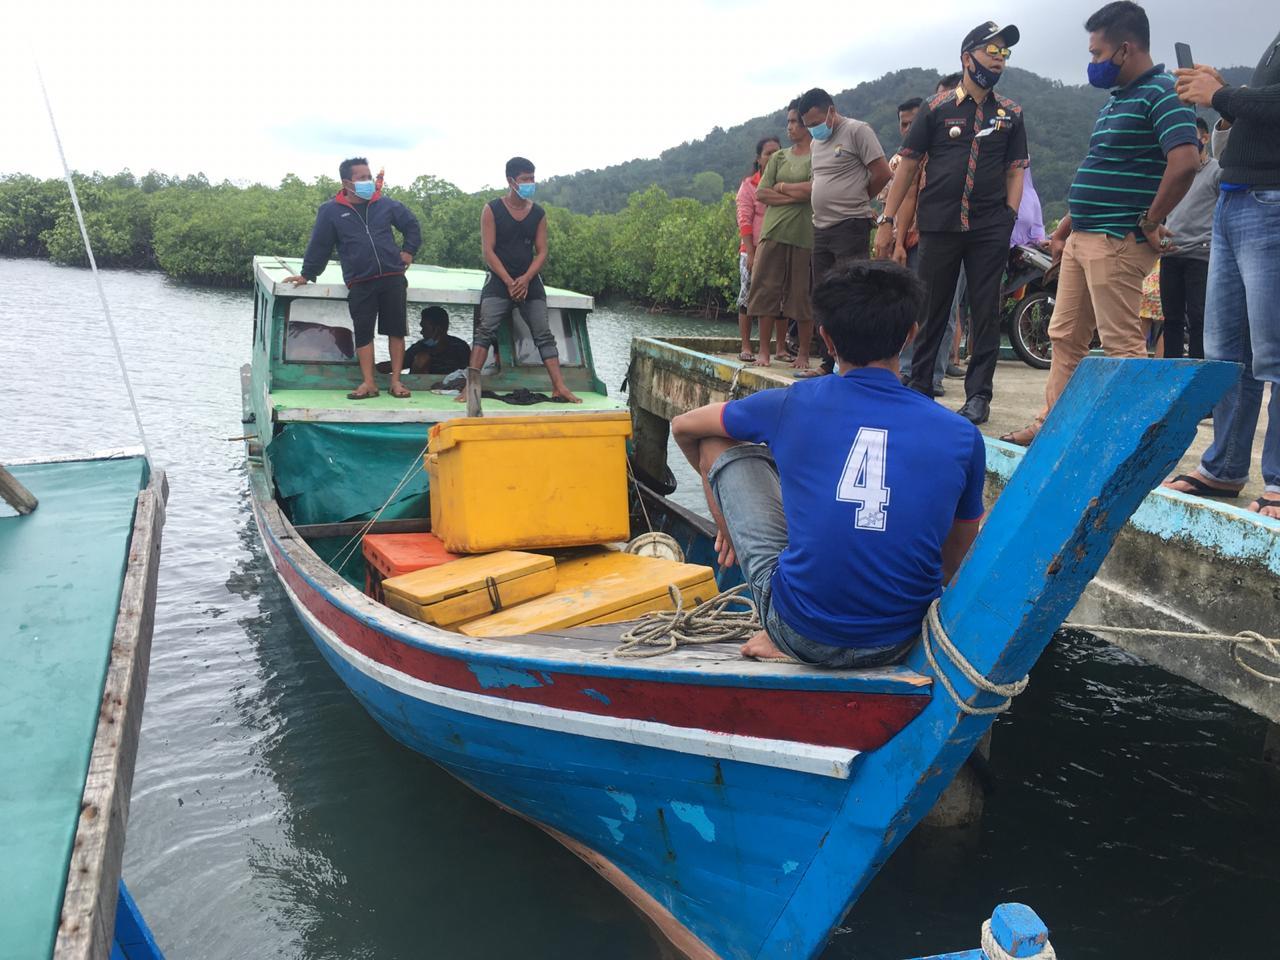 Setelah Berteduh Selama Dua Hari Karena Cuaca Ekstrim, Sebuah Kapal Pompong Akhirnya Selamat di Serasan